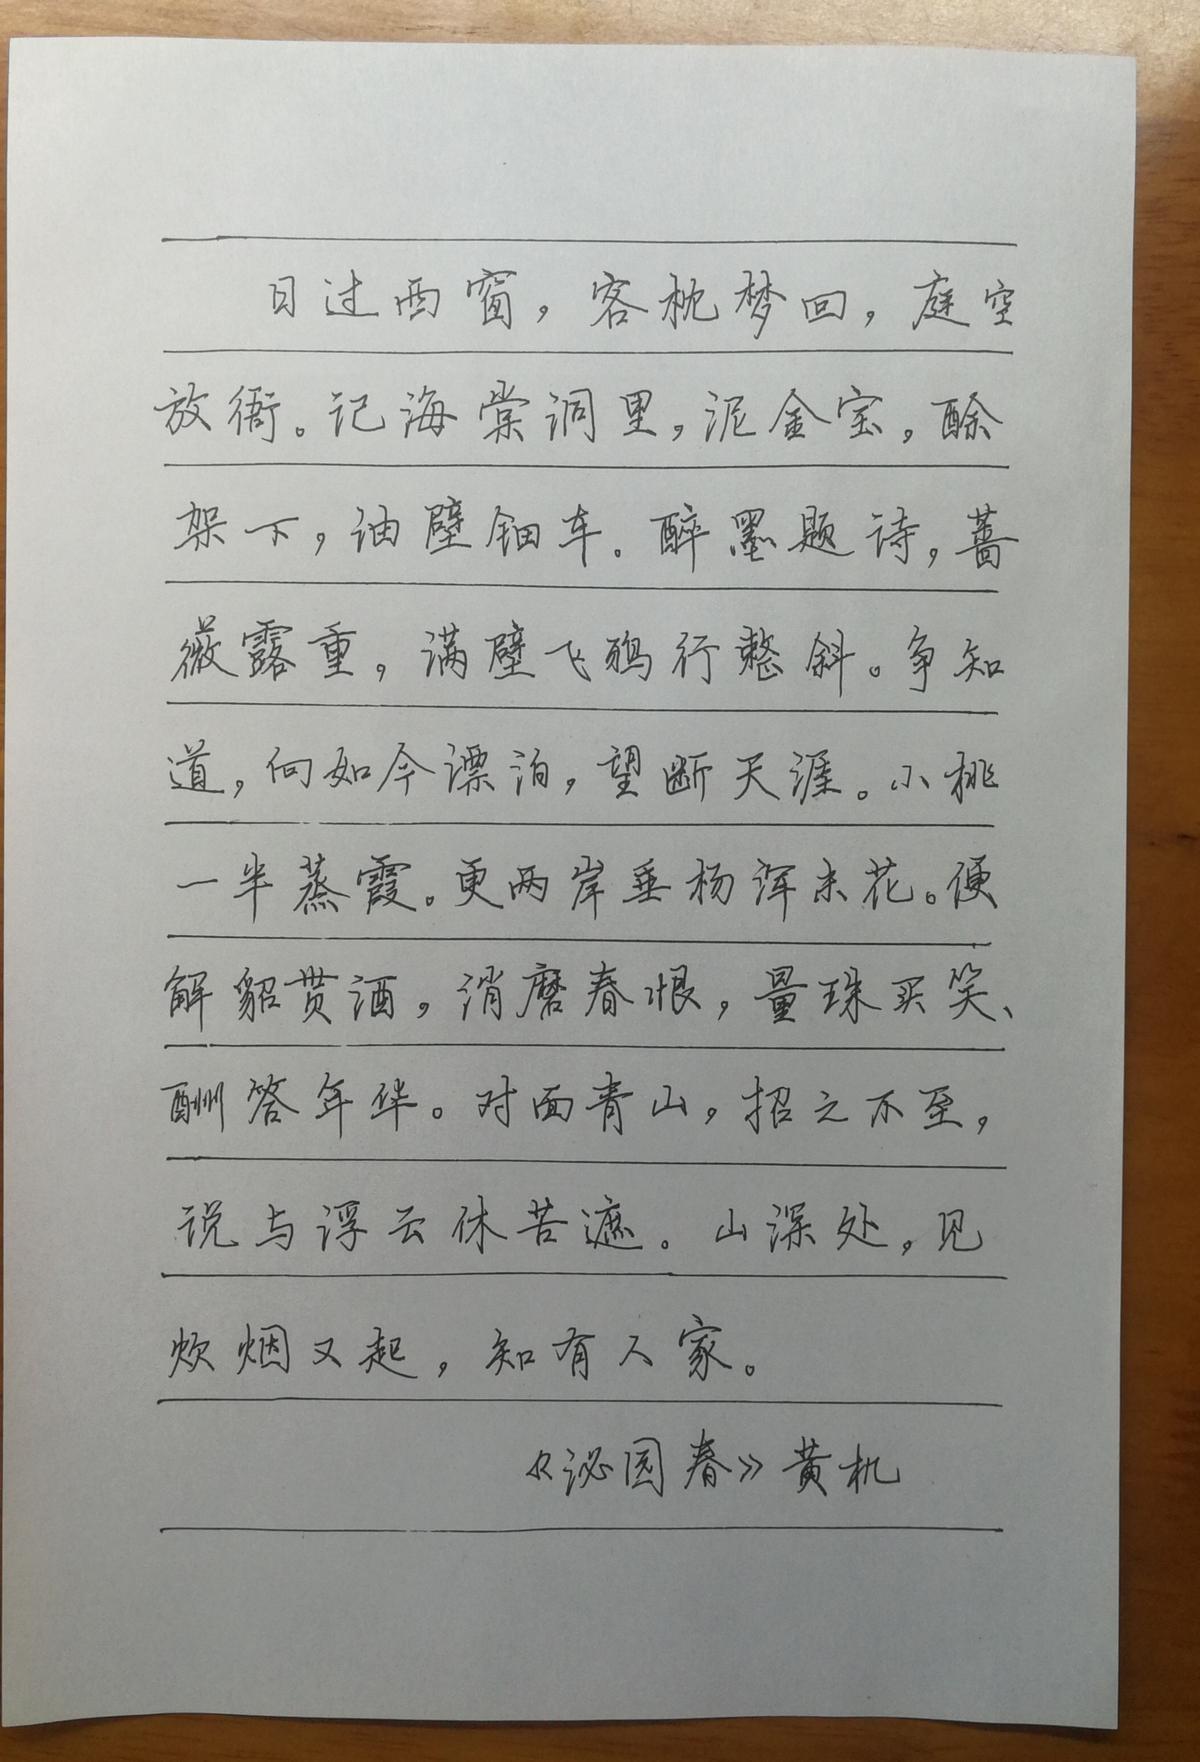 蔡师点评:黄机《沁园春》钢笔字练字打卡作业欣赏17